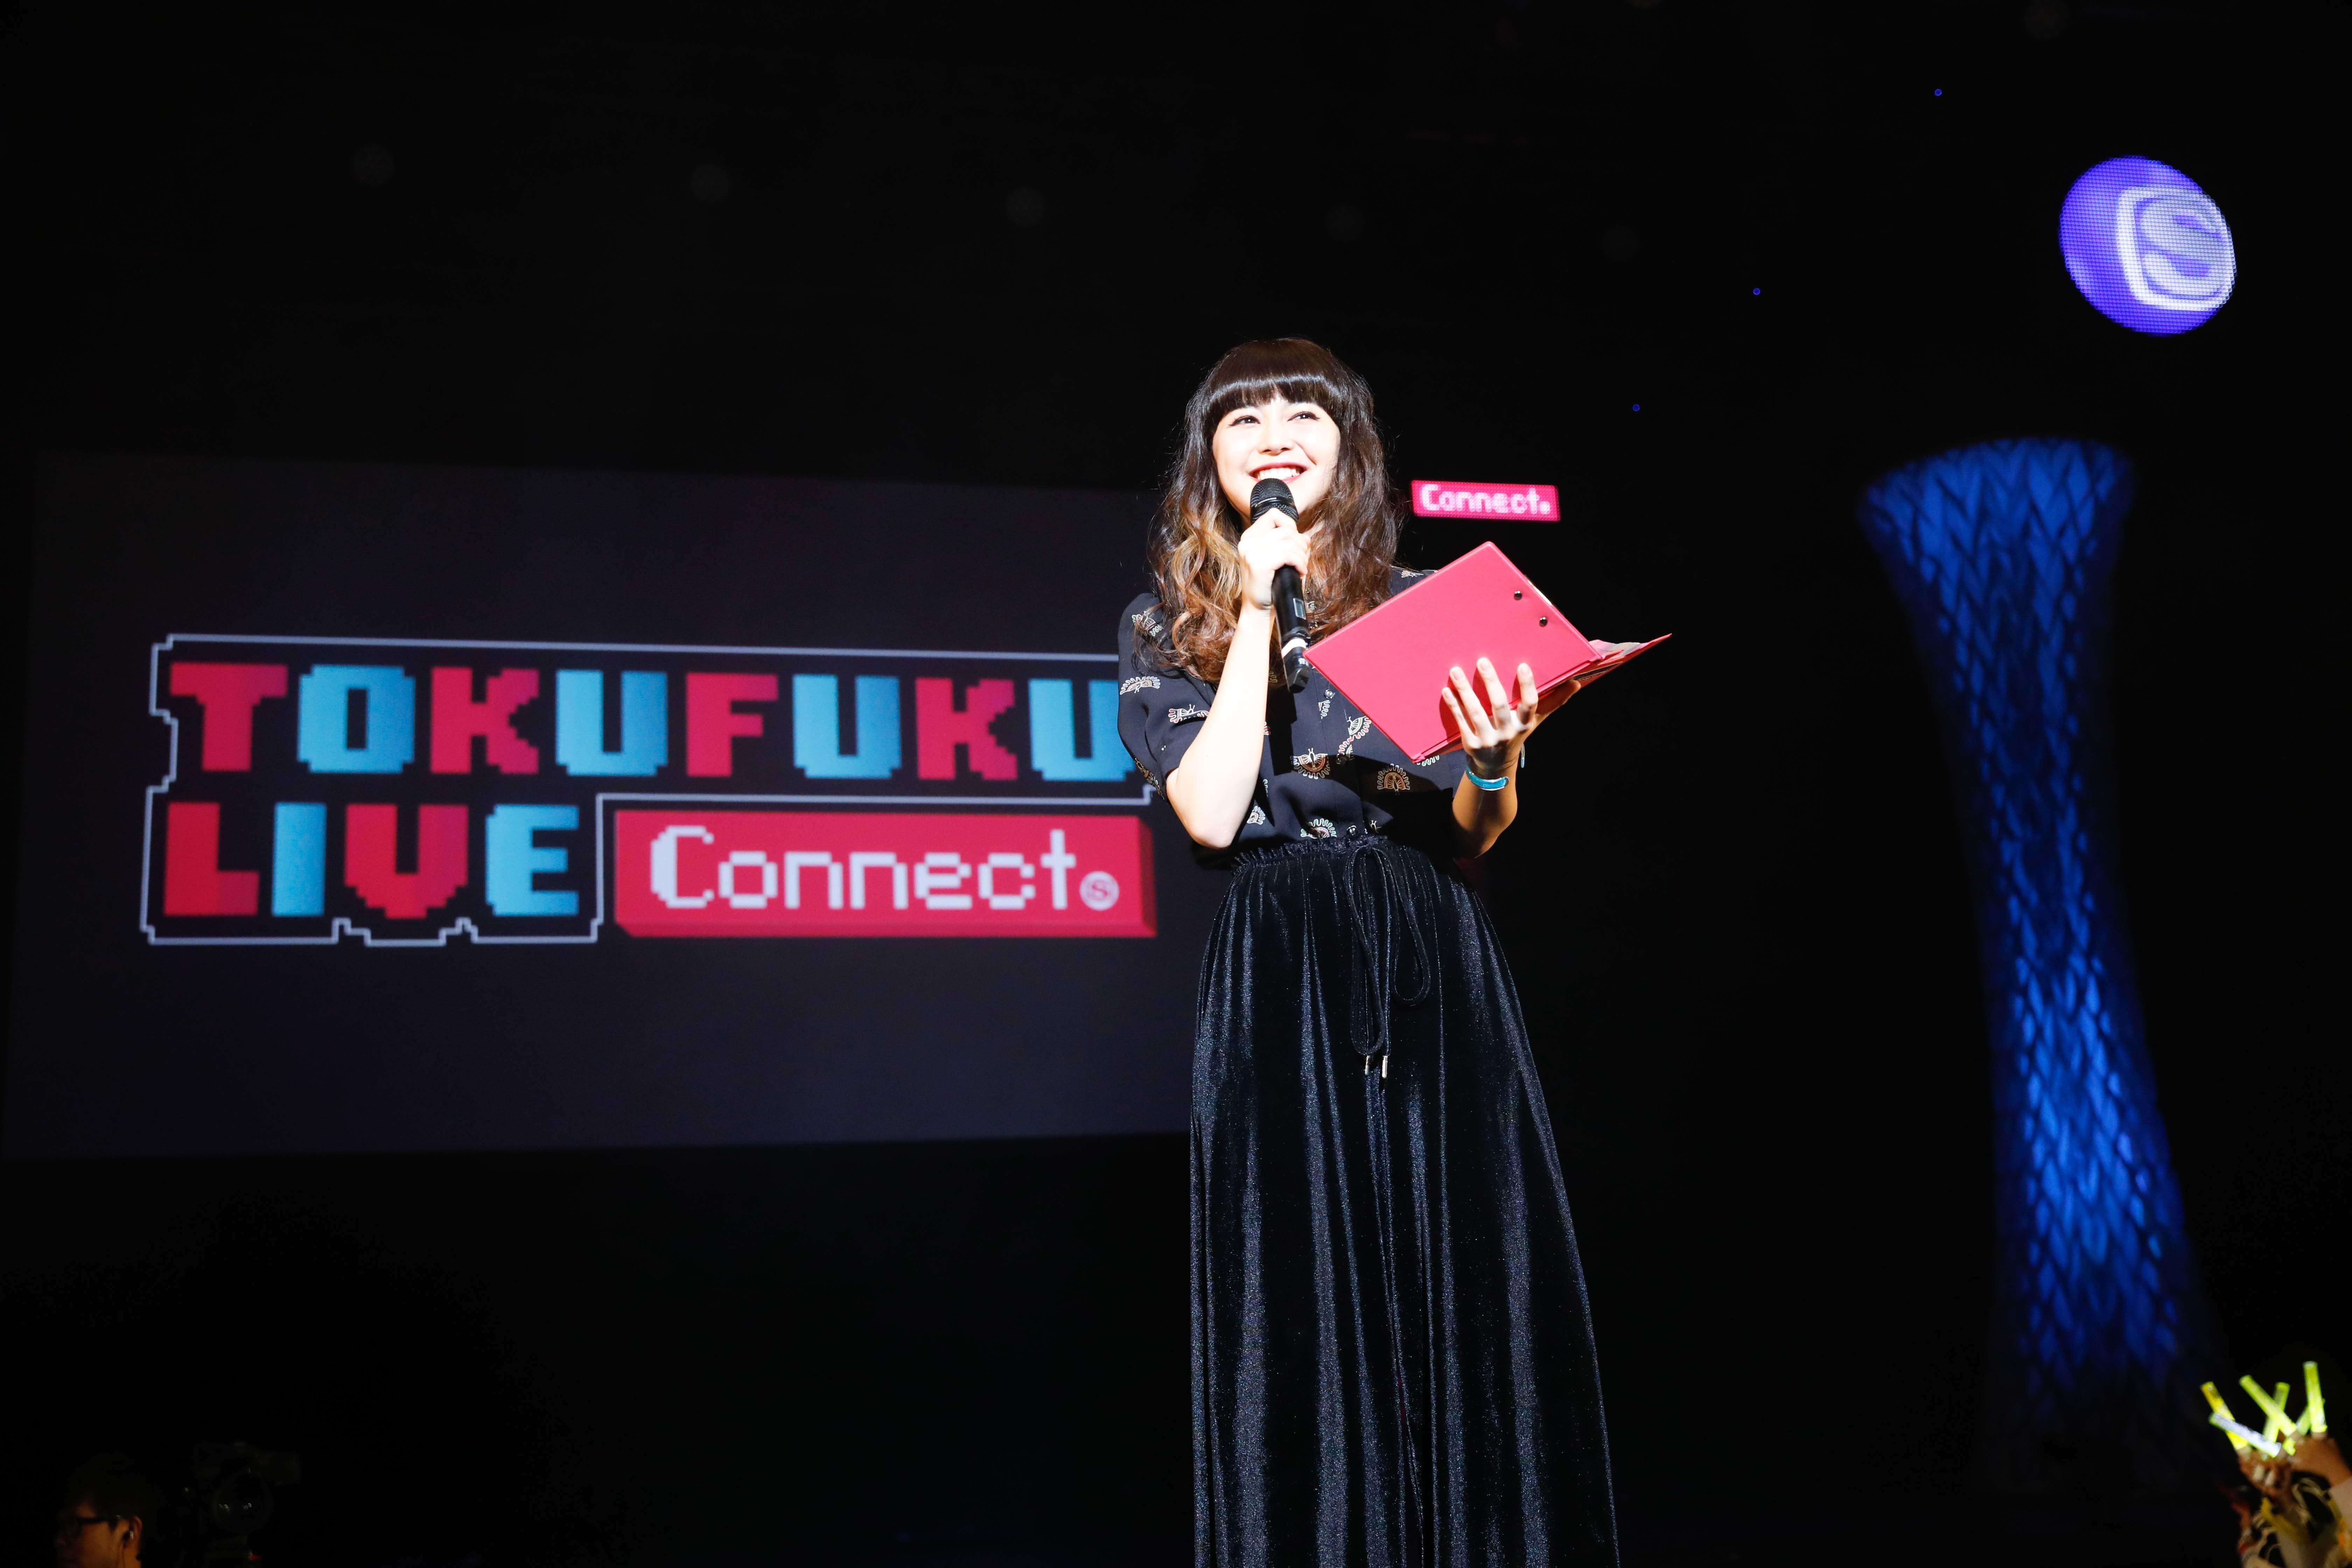 菅沼ゆり/TOKUFUKU LIVE Connect